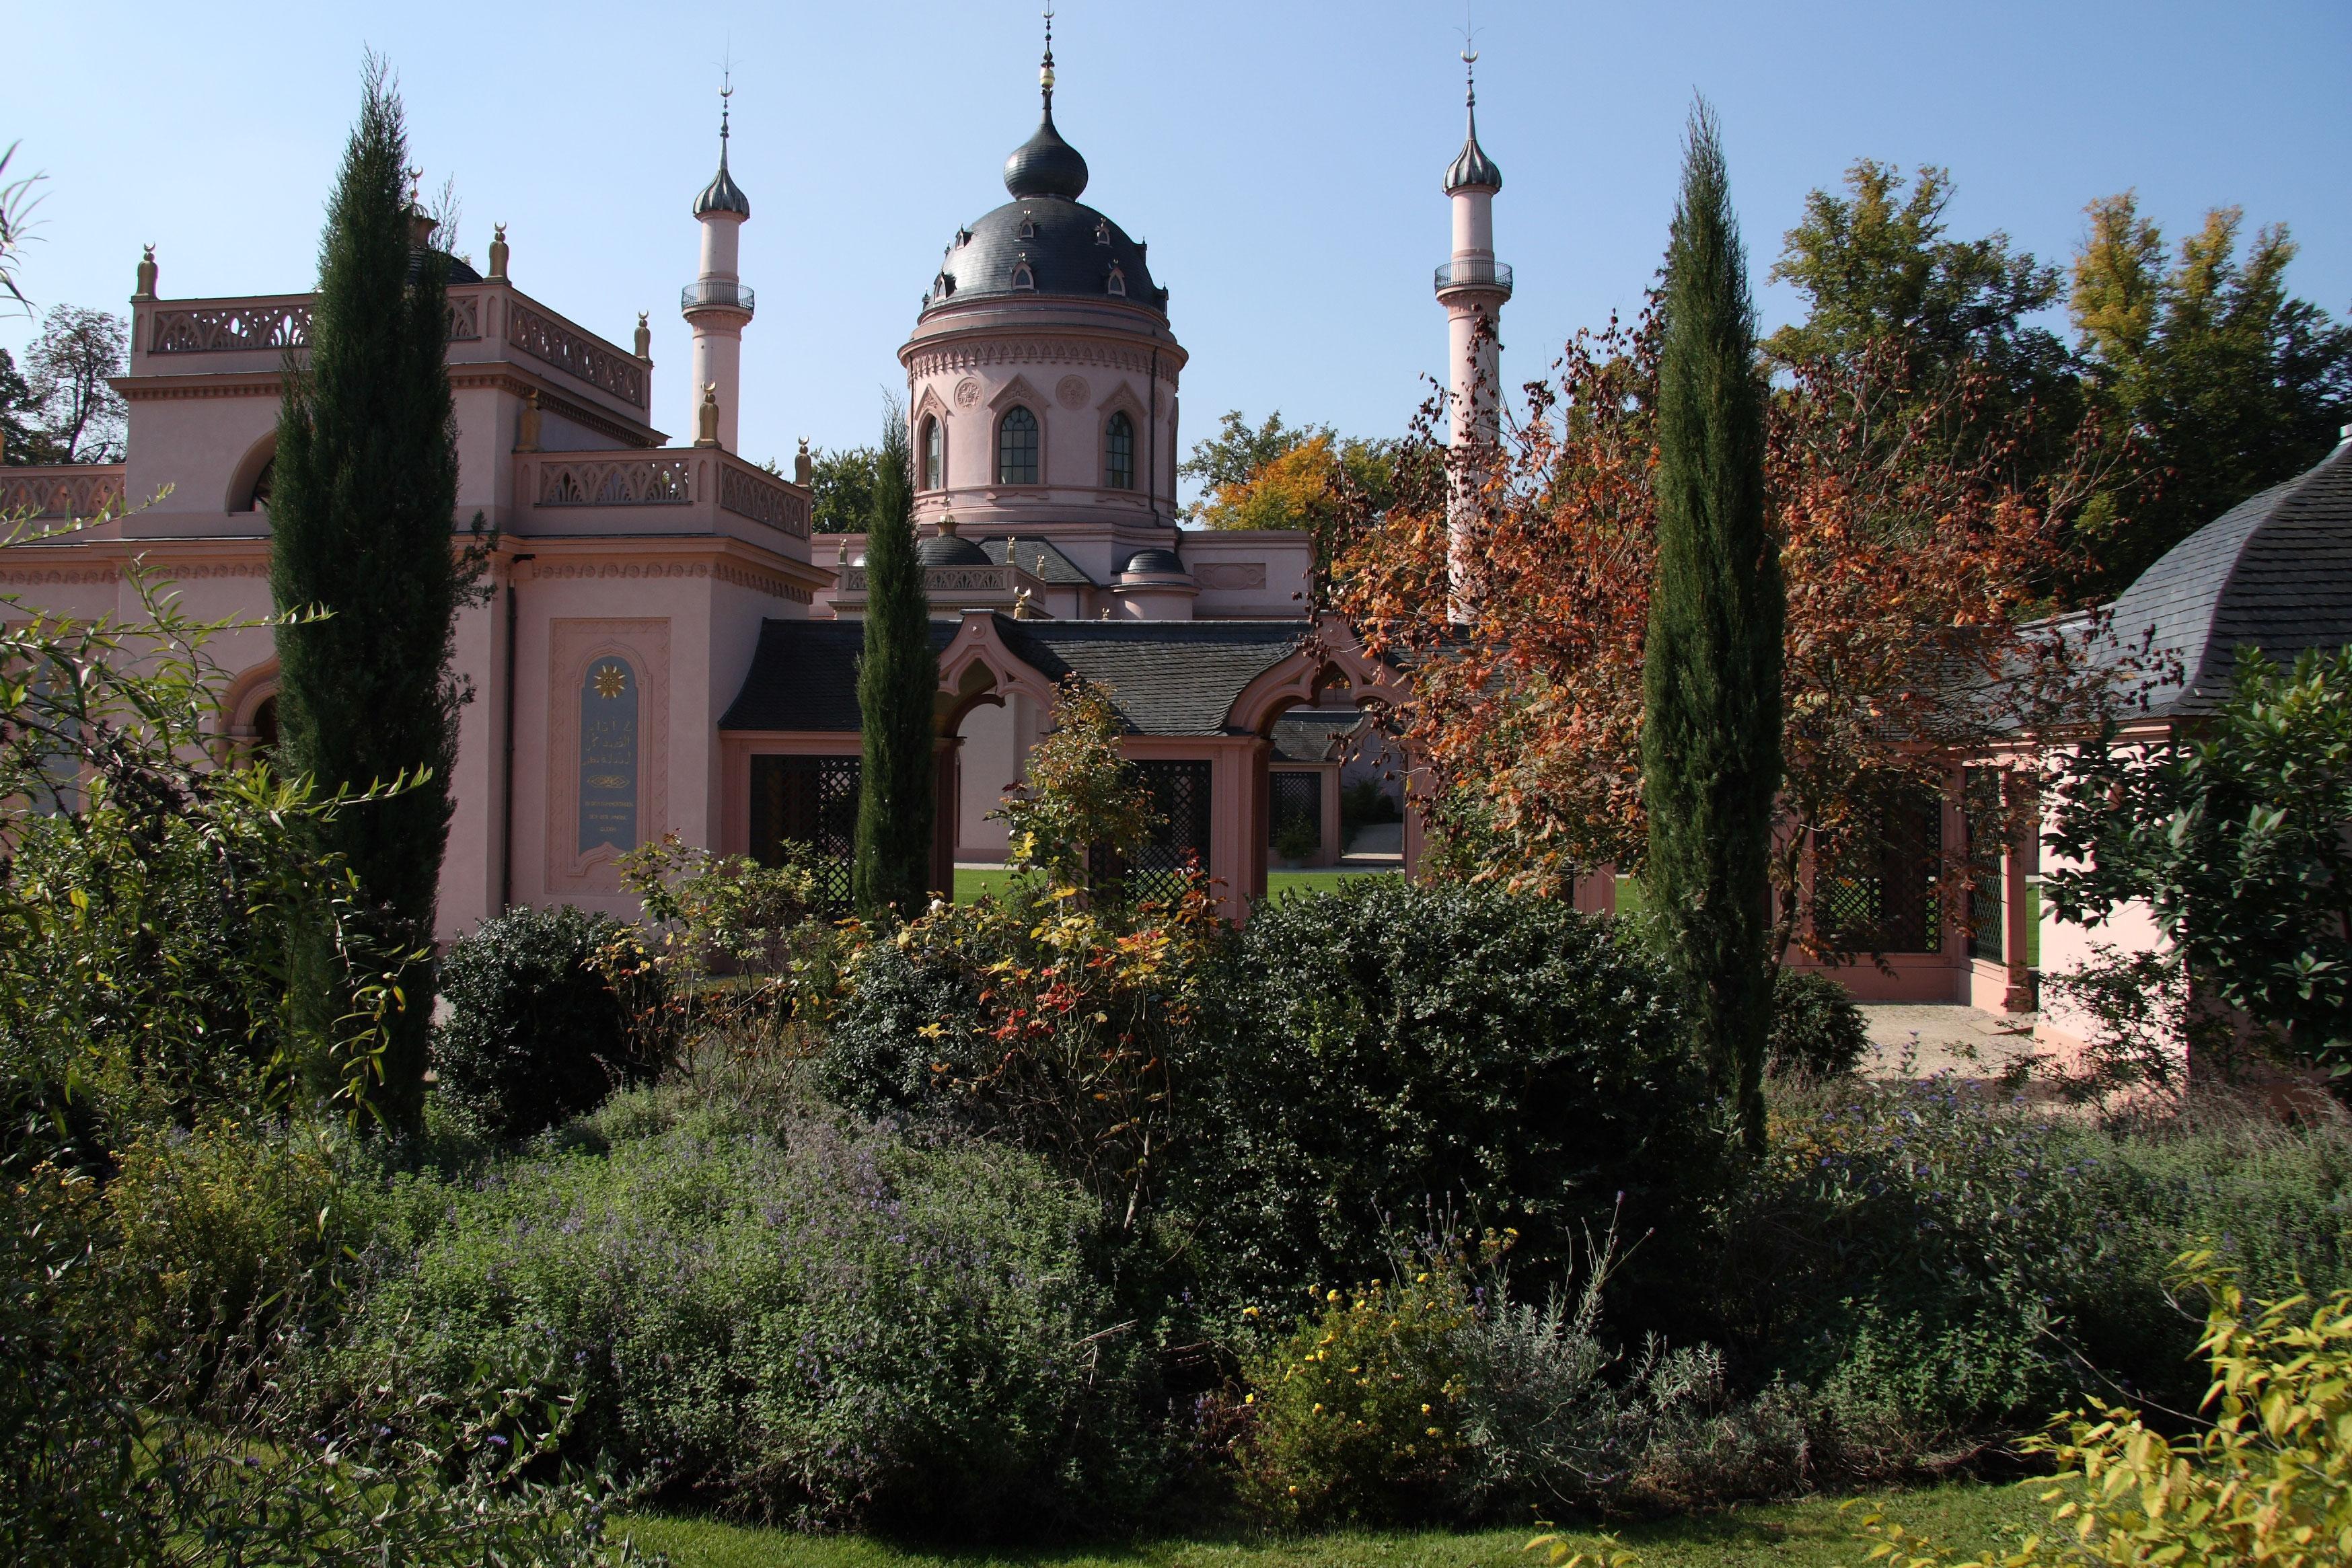 Türkischer Garten bei der Moschee im Schlossgarten Schwetzingen; Foto: Staatliche Schlösser und Gärten Baden-Württemberg, Petra Pechacek